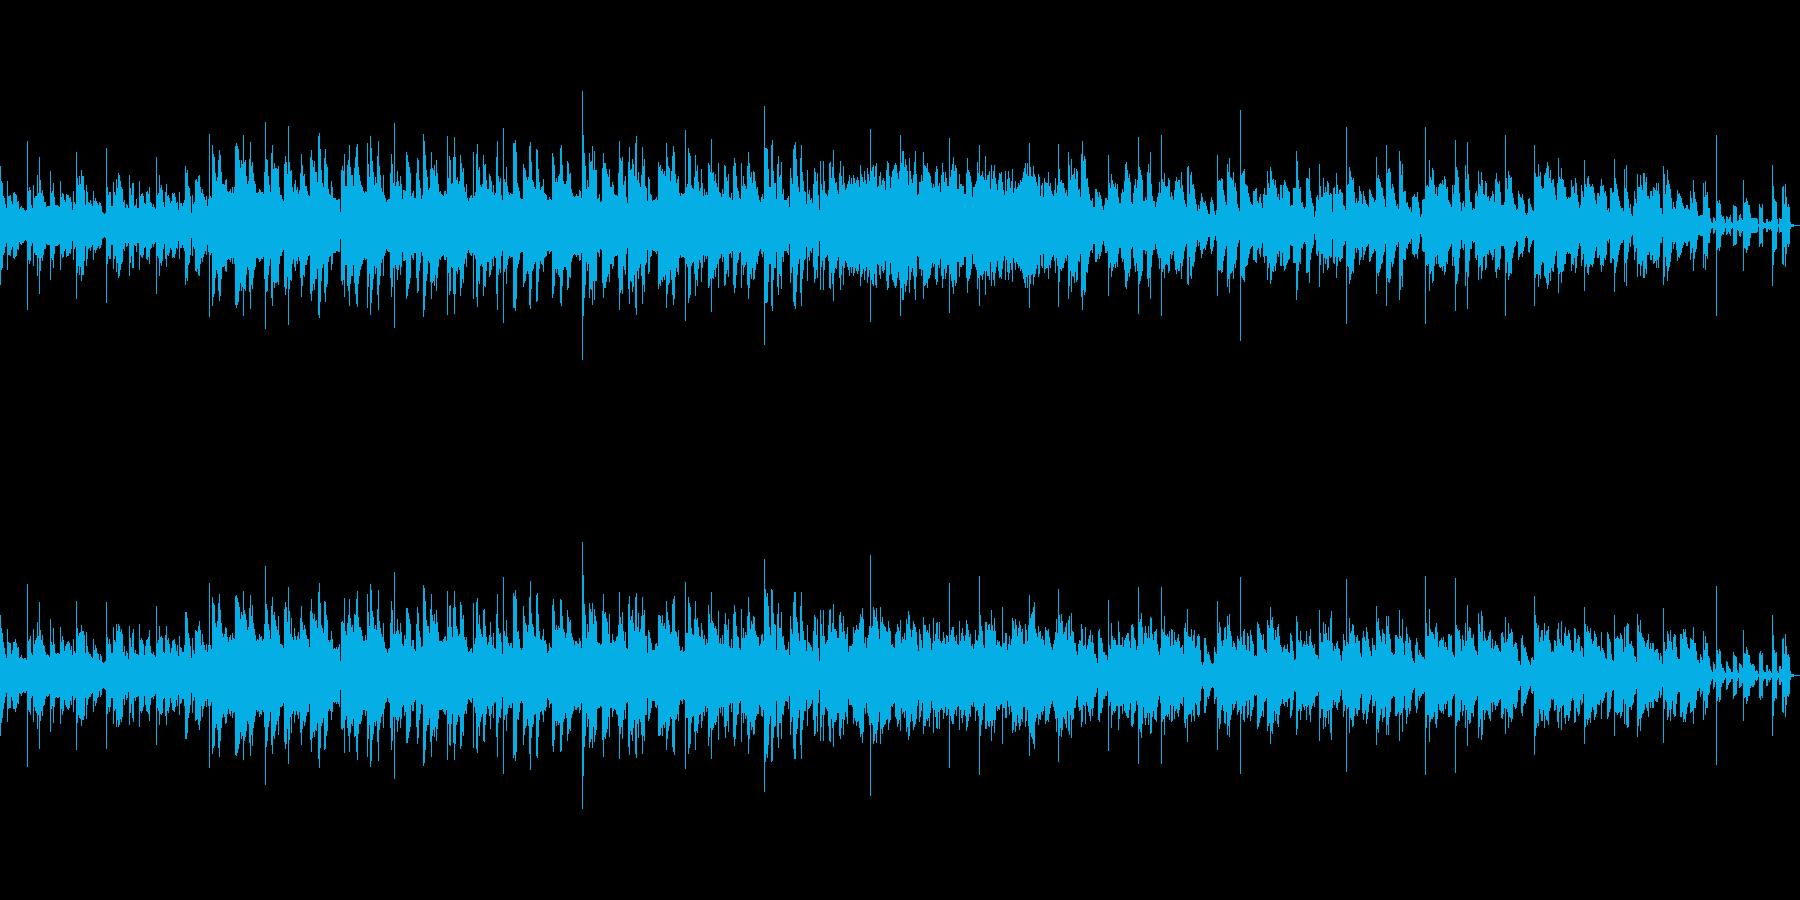 戦国時代をテーマにしたゲームミュージックの再生済みの波形